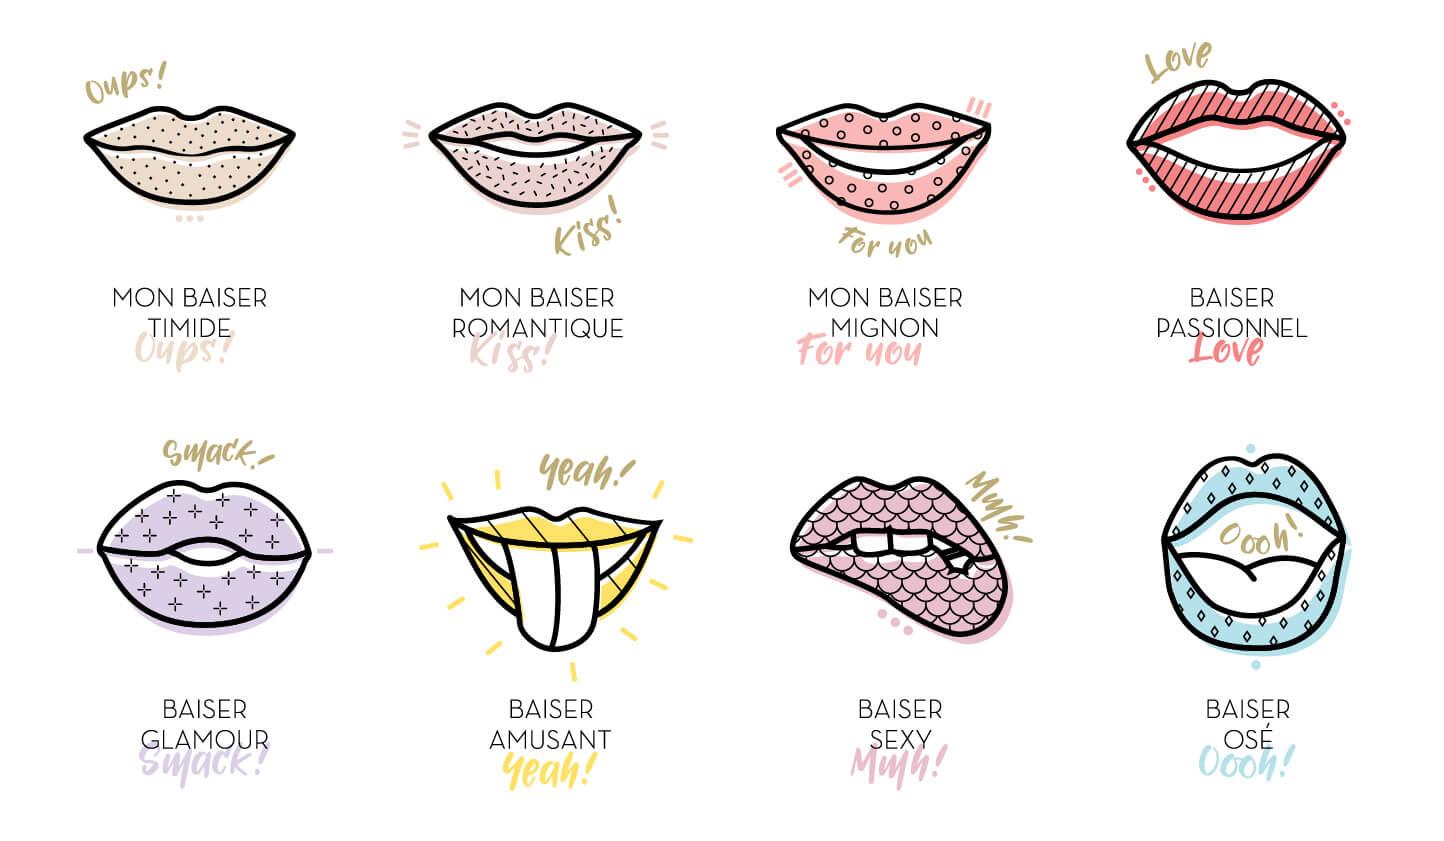 La collection de baiser : Kiss Me